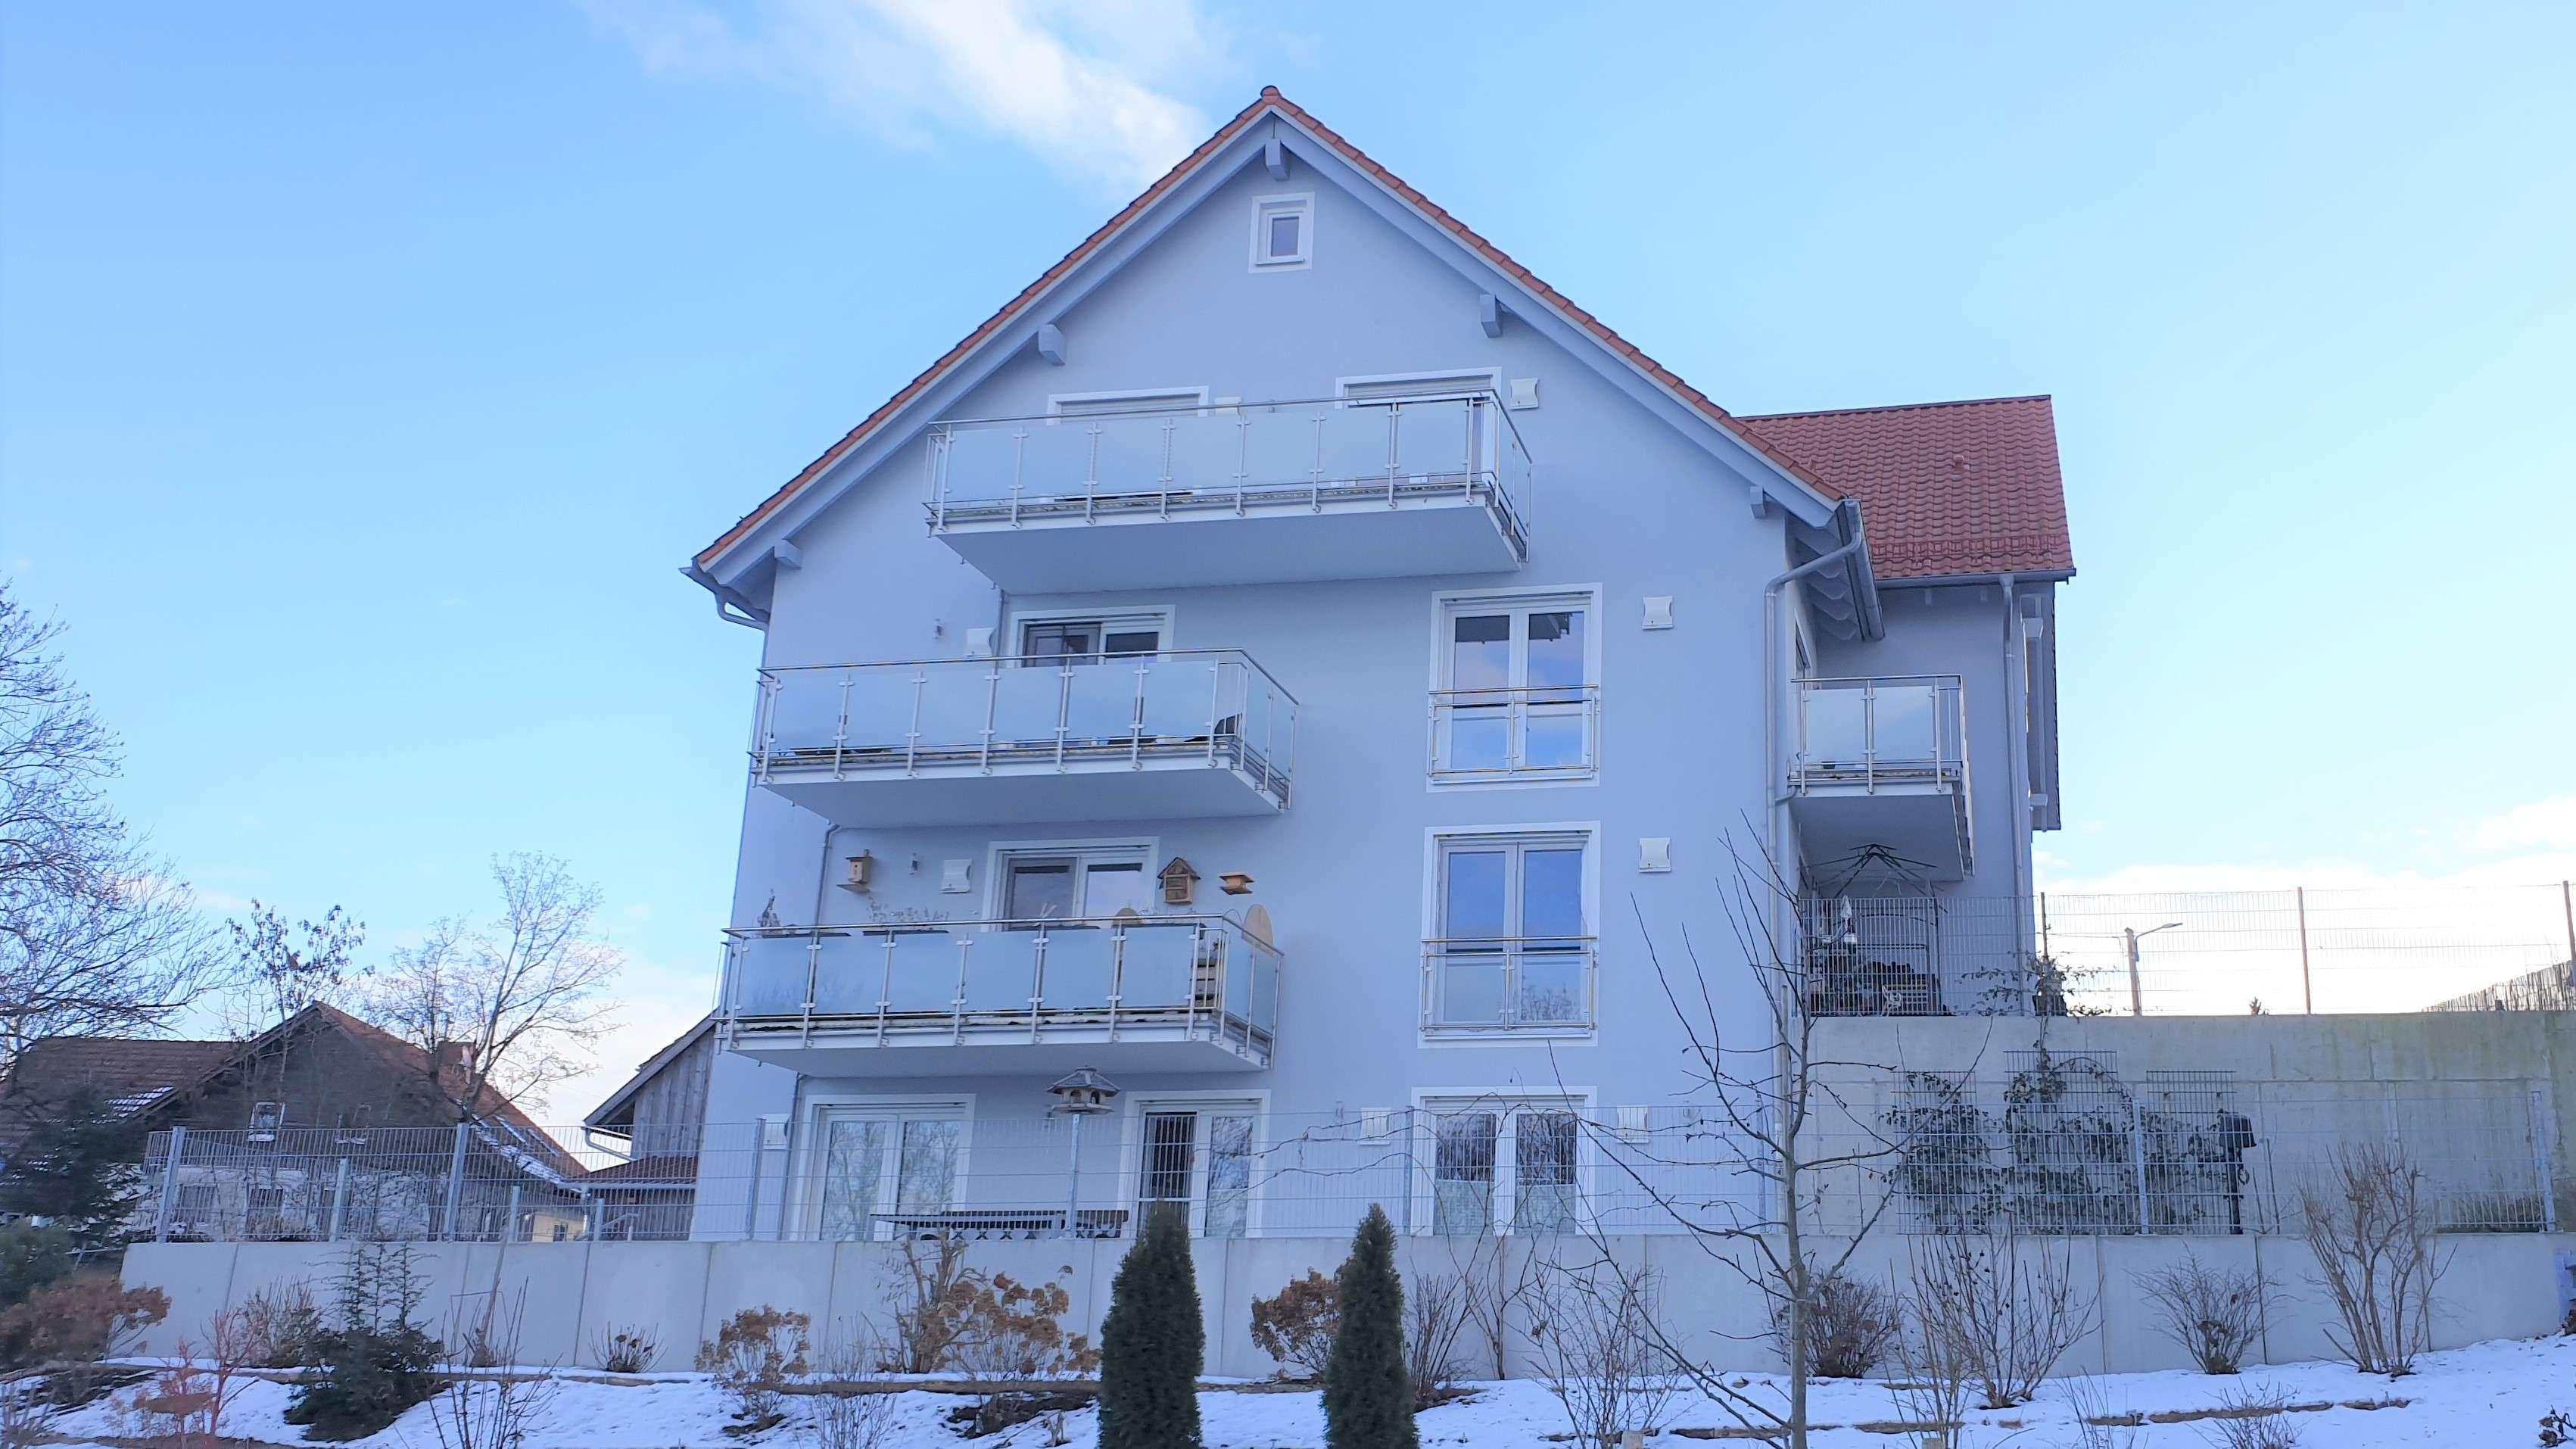 Neuwertige 2-Zimmer-DG-Wohnung mit Sonnengarantie und Weitblick in Ramsach / Penzing in